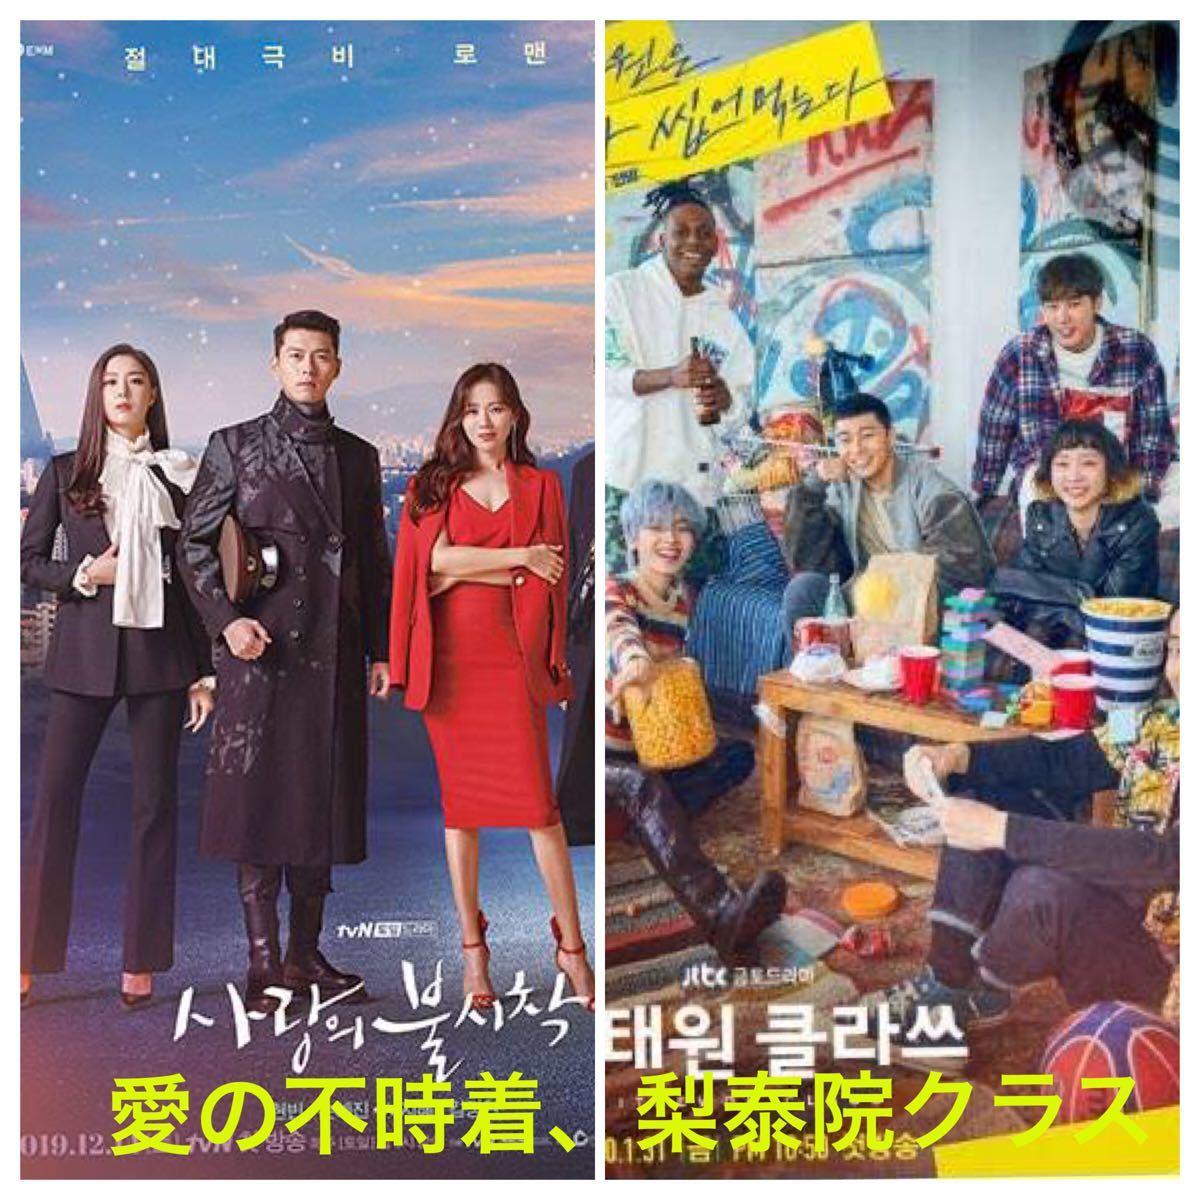 韓国ドラマ【セット販売】愛の不時着、梨泰院クラス Blu-ray レーベル印刷あり